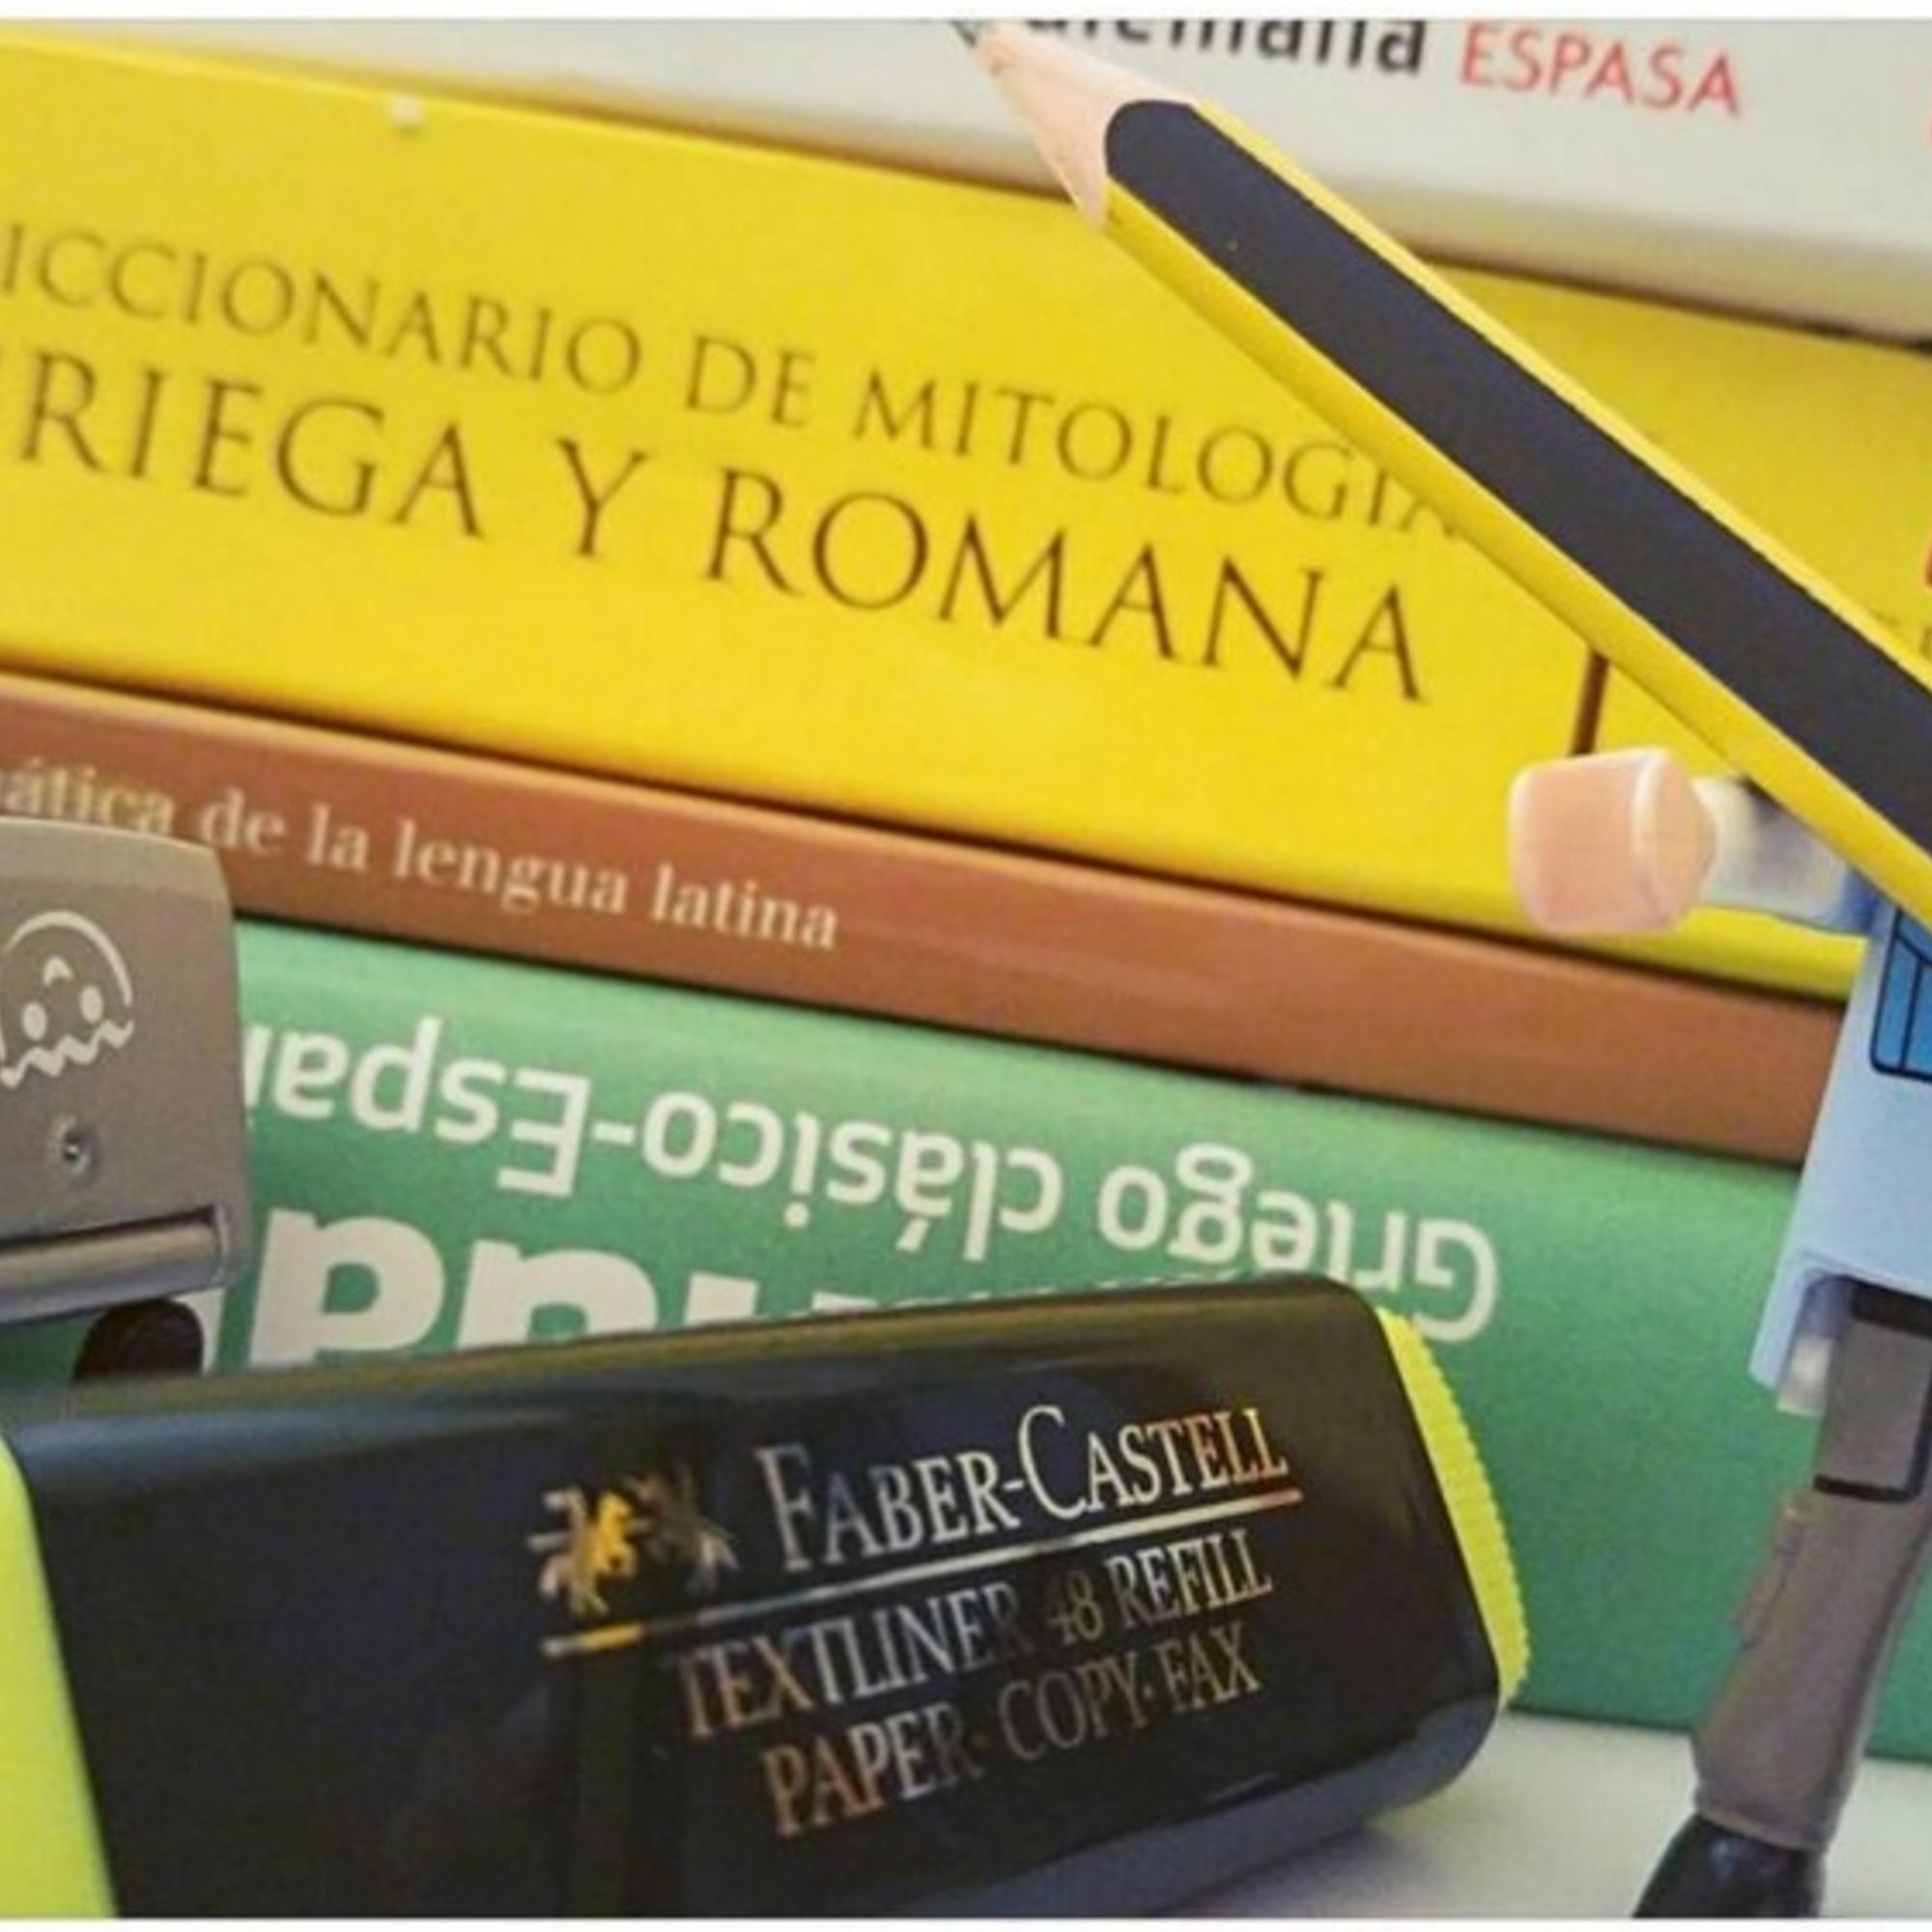 eduardo lorenzo, los clicks de clasicos.jpg